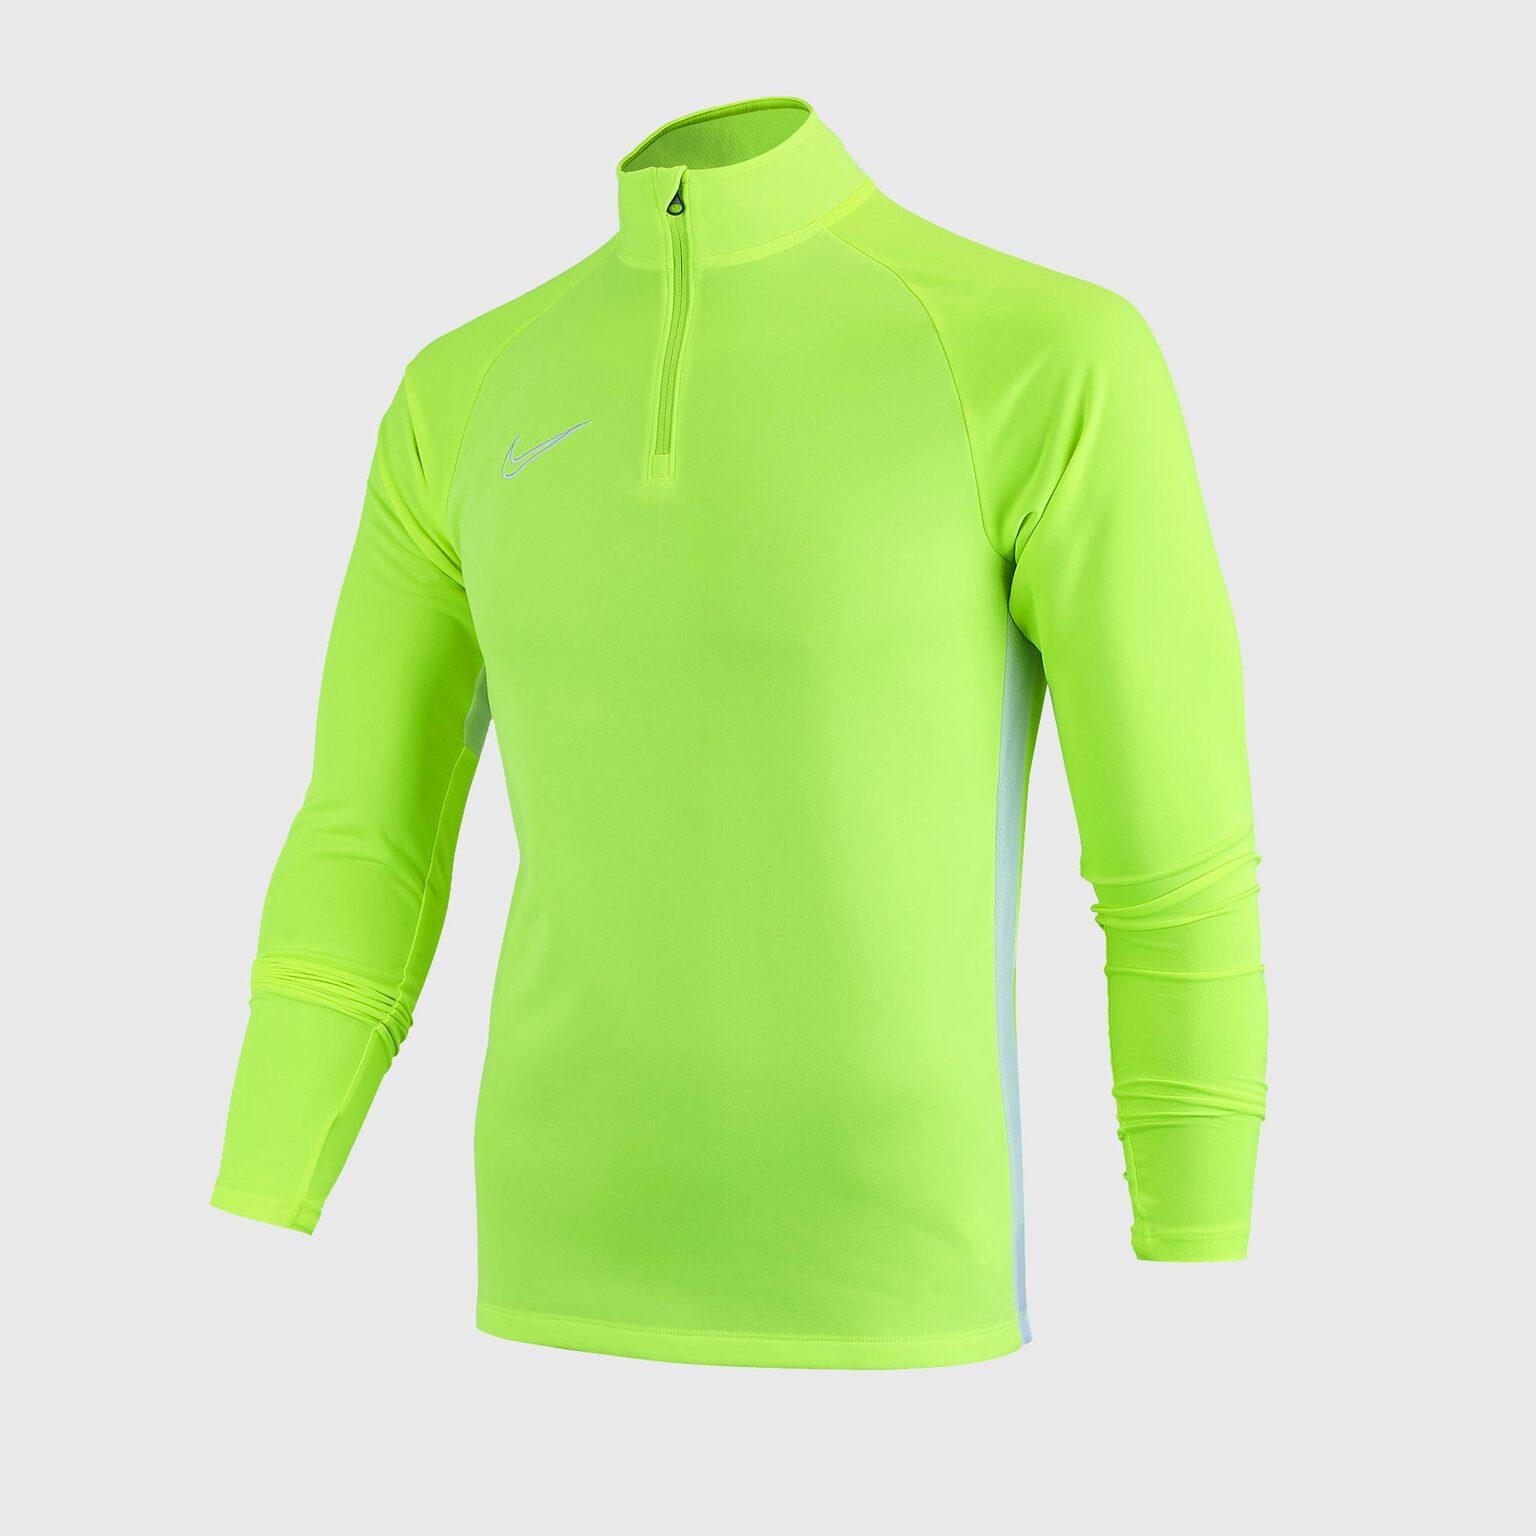 Свитер тренировочный Nike Dry Academy19 Dril Top AJ9094-702